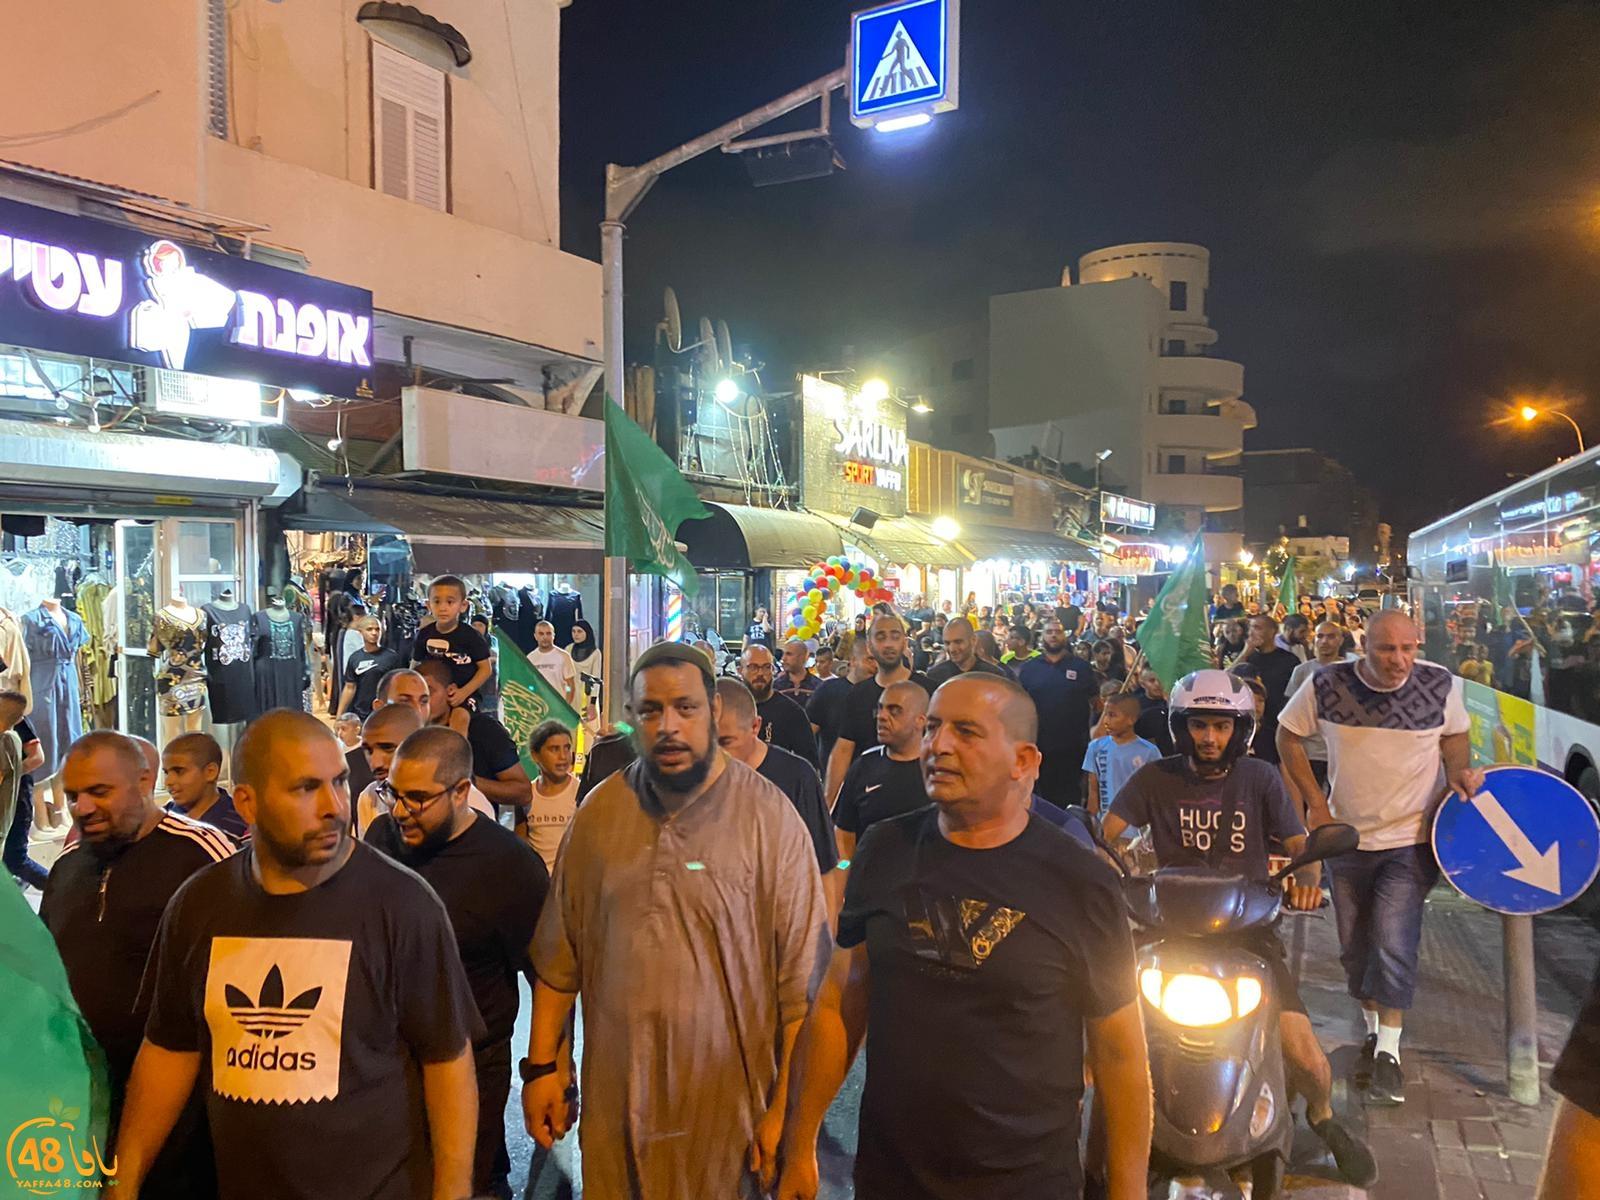 فيديو: مشاركة واسعة من أهالي يافا في مسيرة التكبيرات